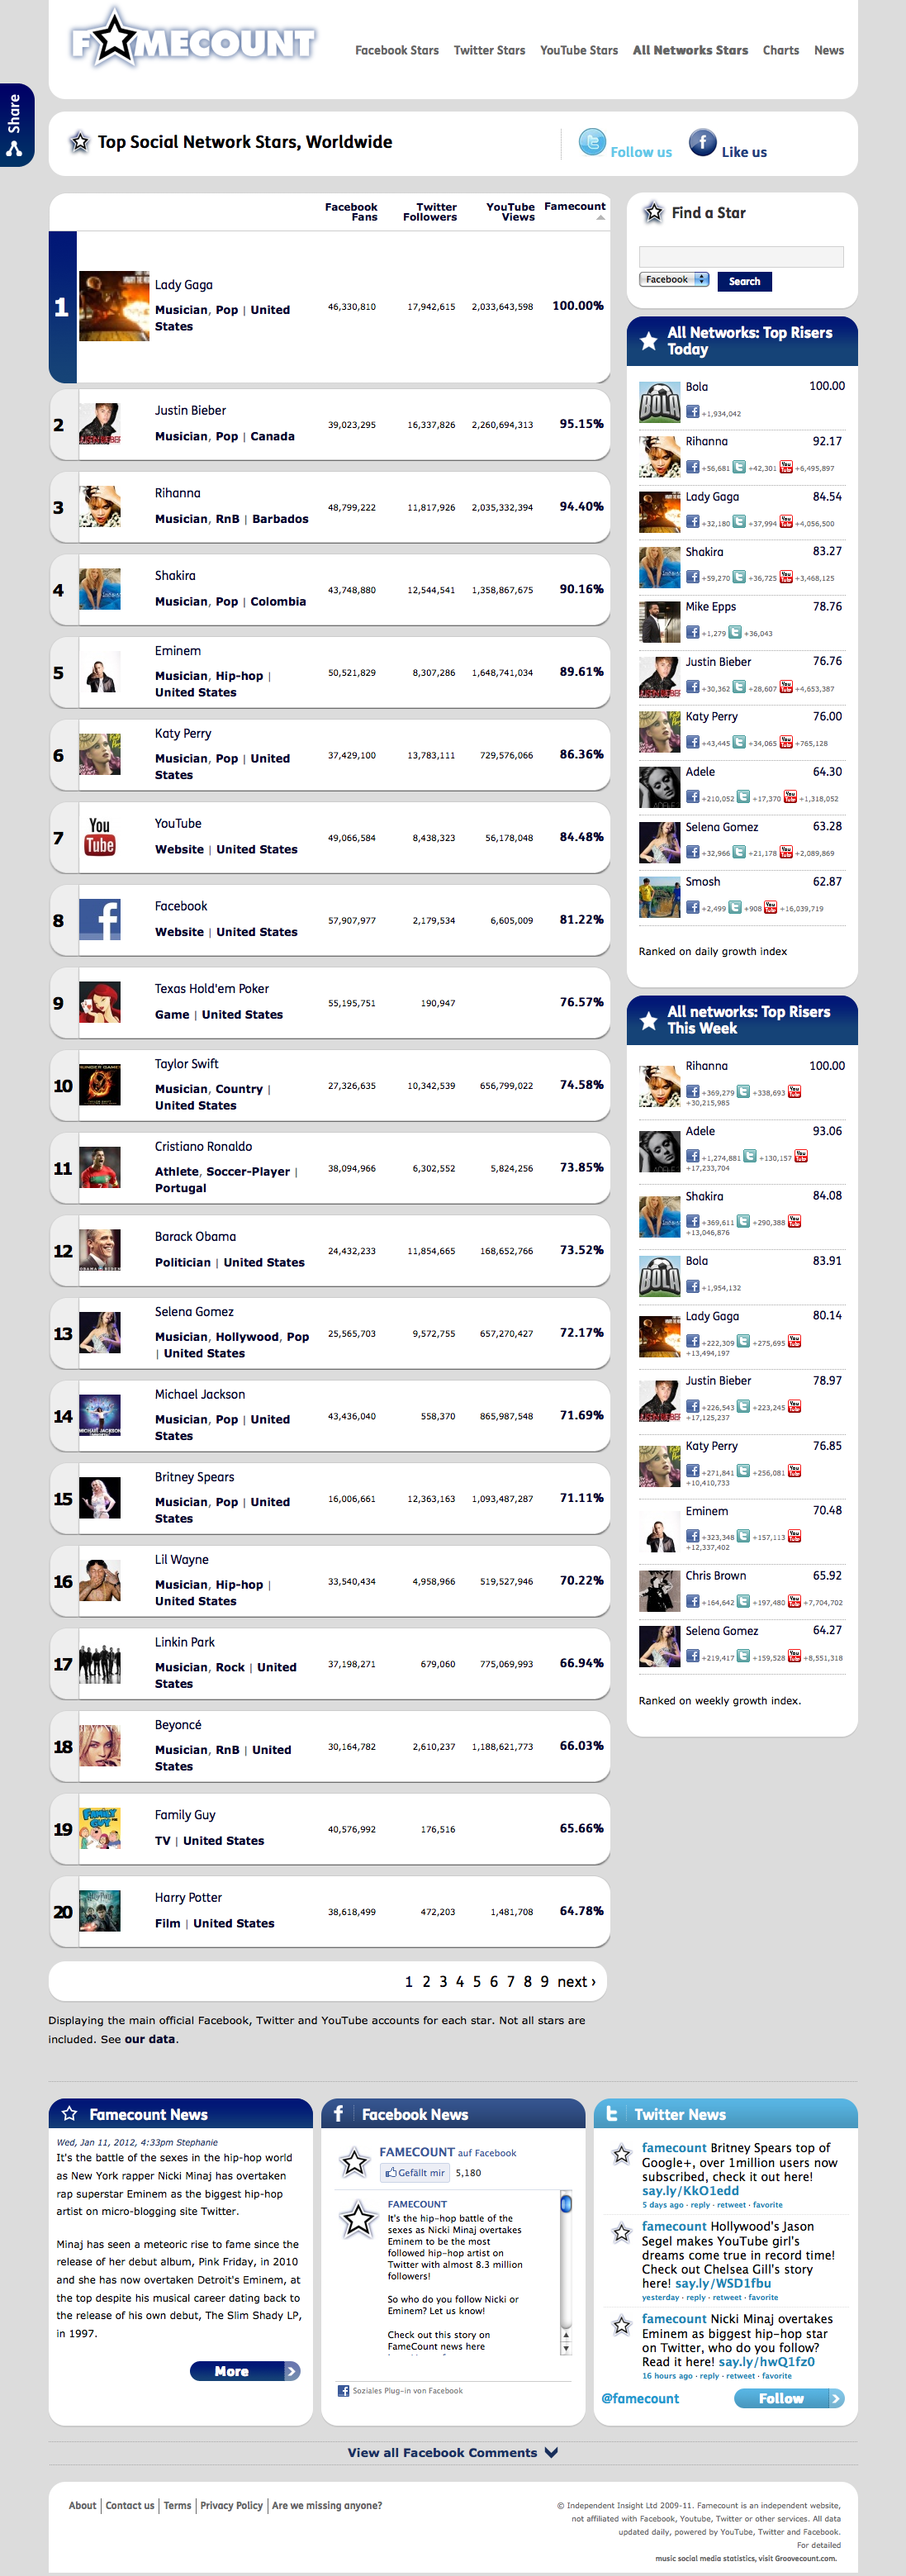 Wer sind die Social Network Stars?